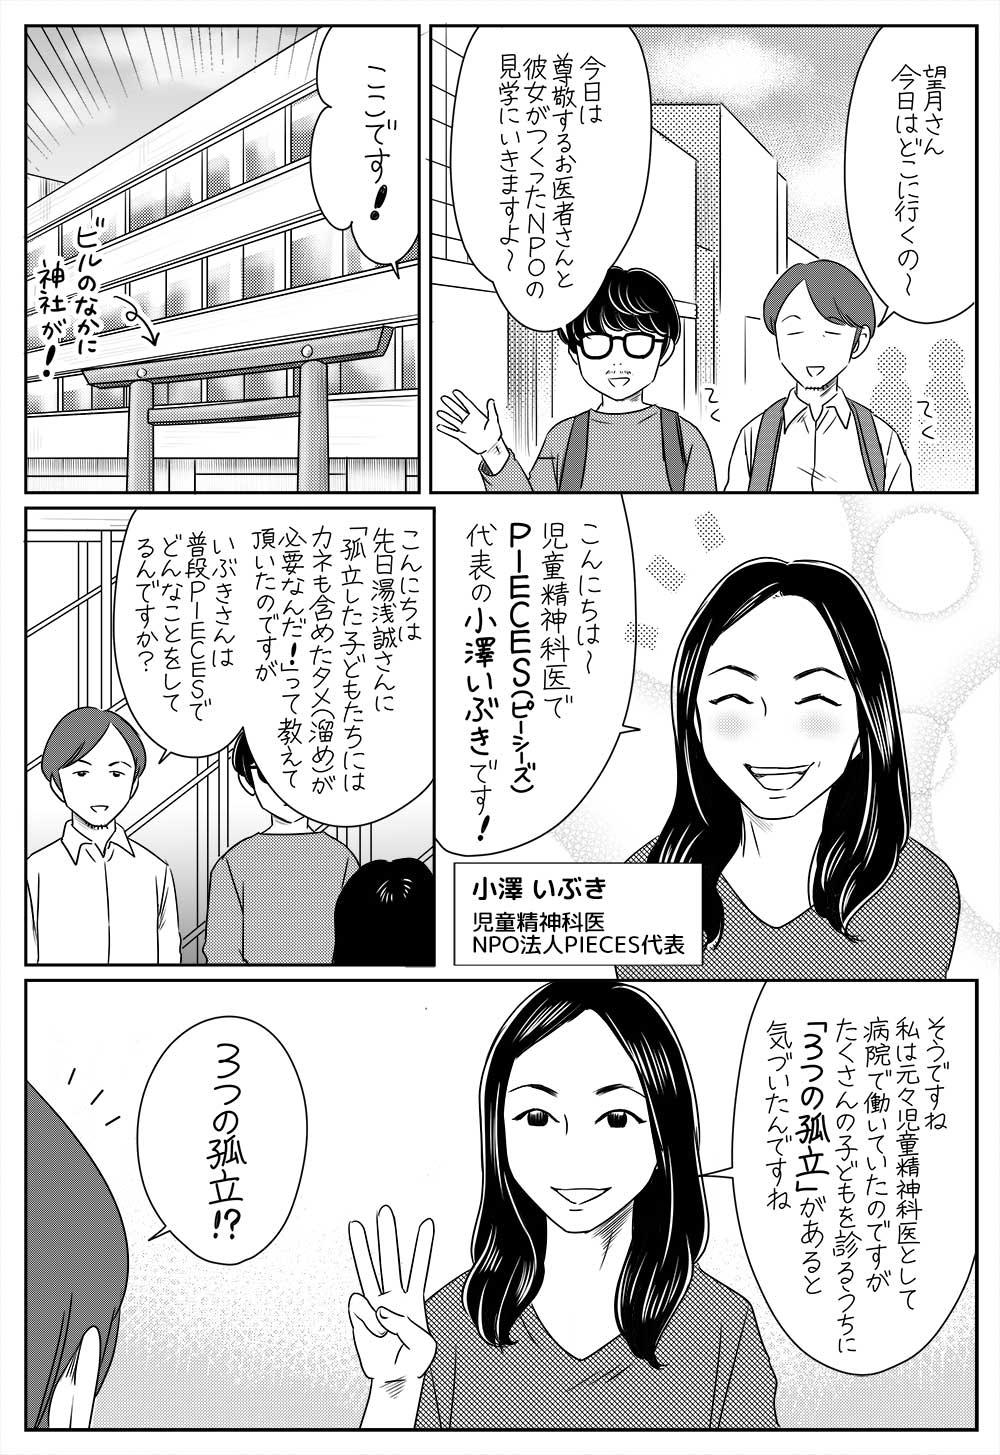 f:id:kakijiro:20170501004012j:plain